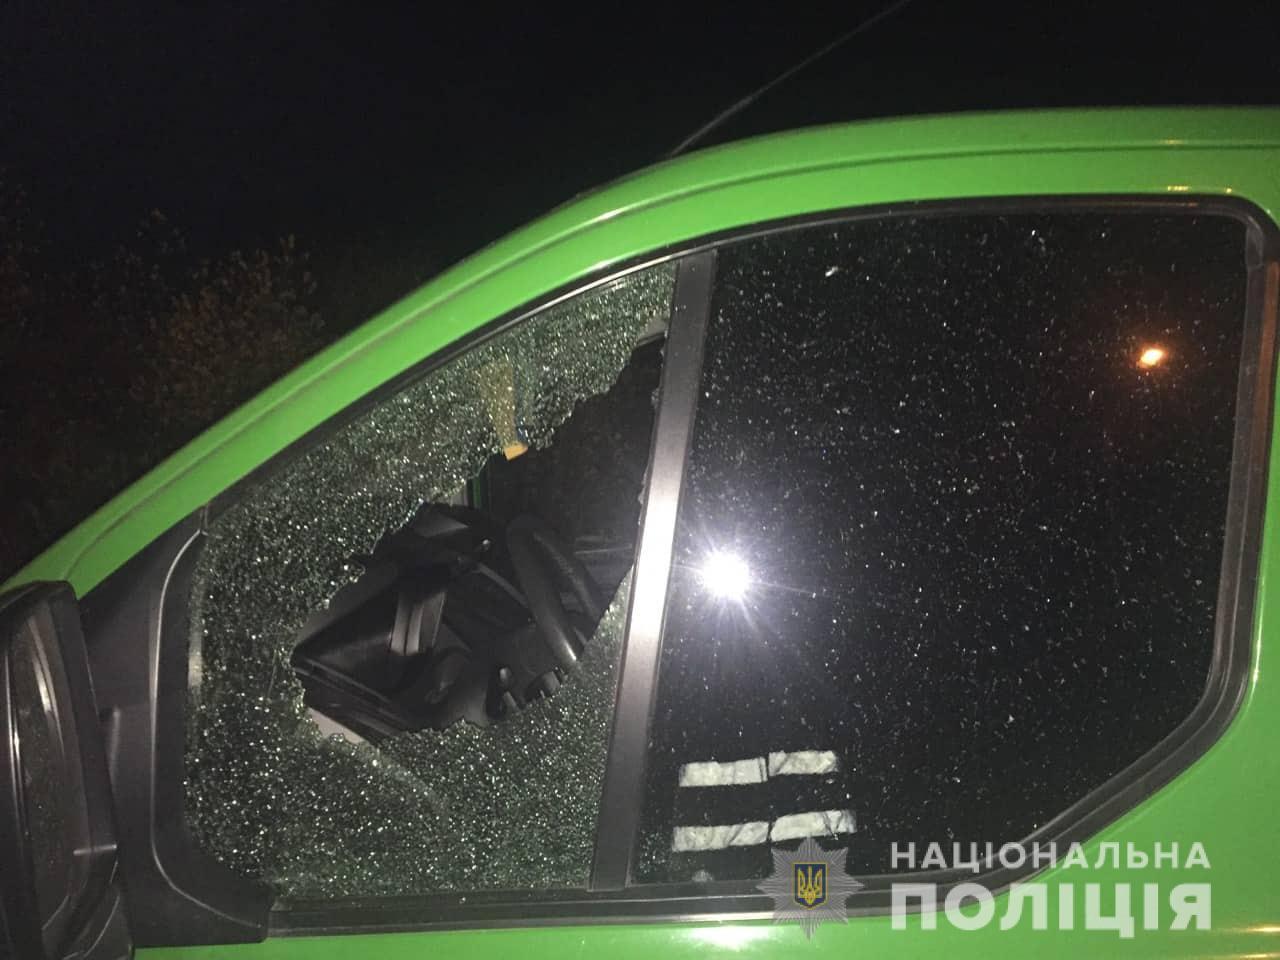 У Франківську розшукують водія, який на ходу стріляв в інше авто 1